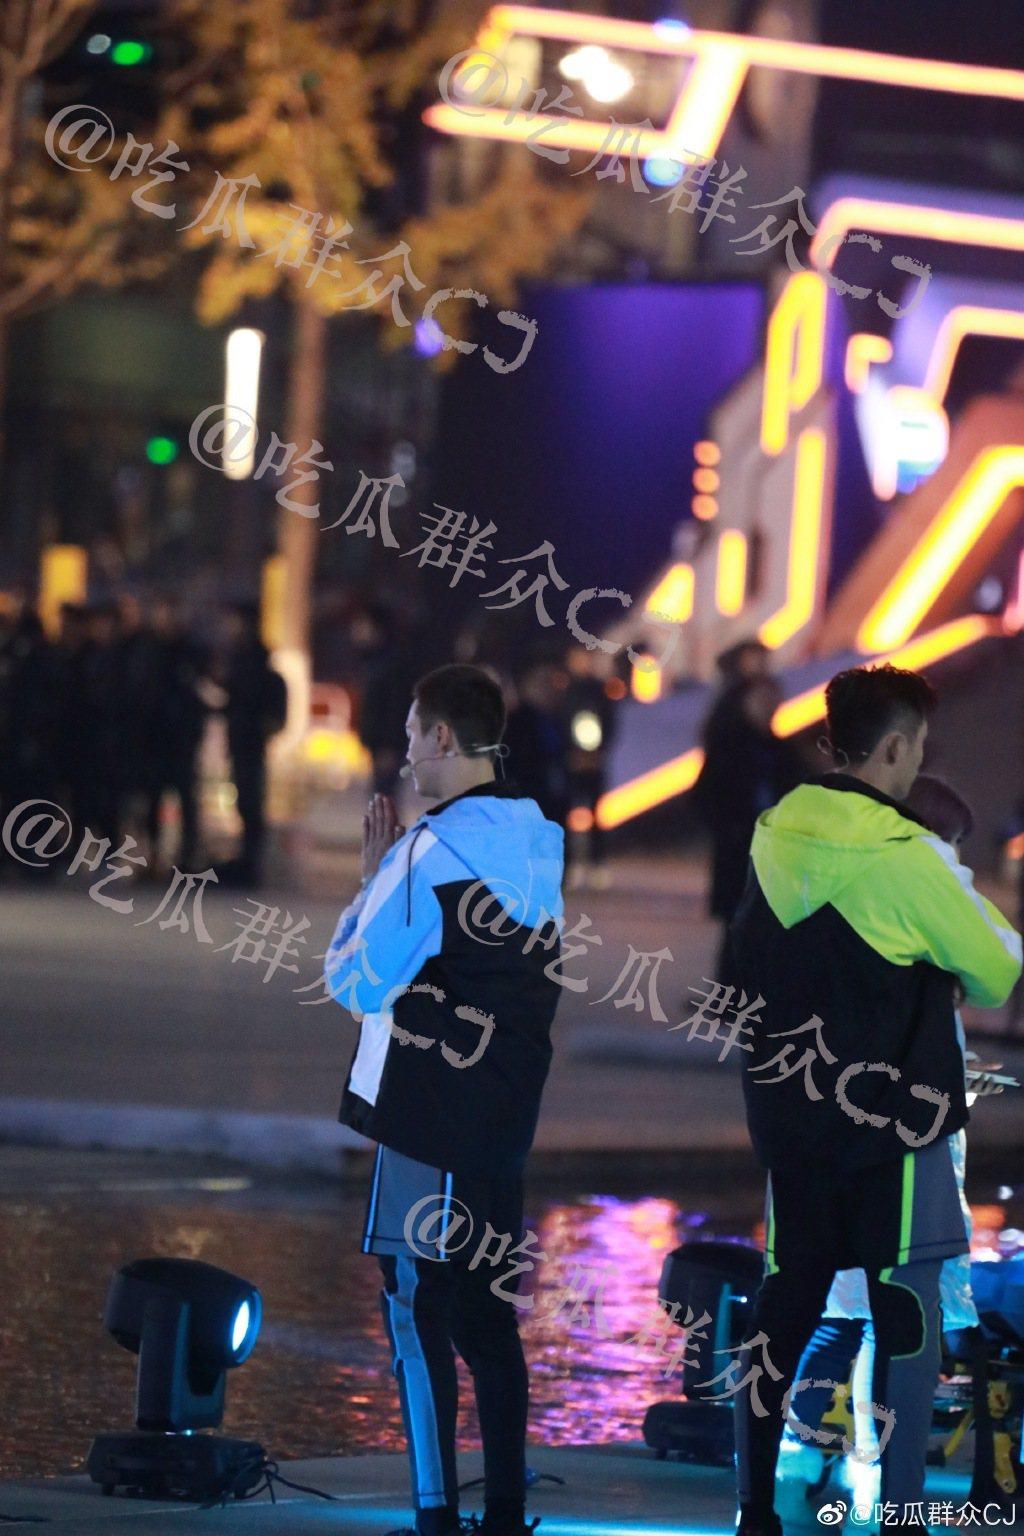 陳偉霆當時在旁雙手合十,為高以翔祈禱。圖/摘自微博